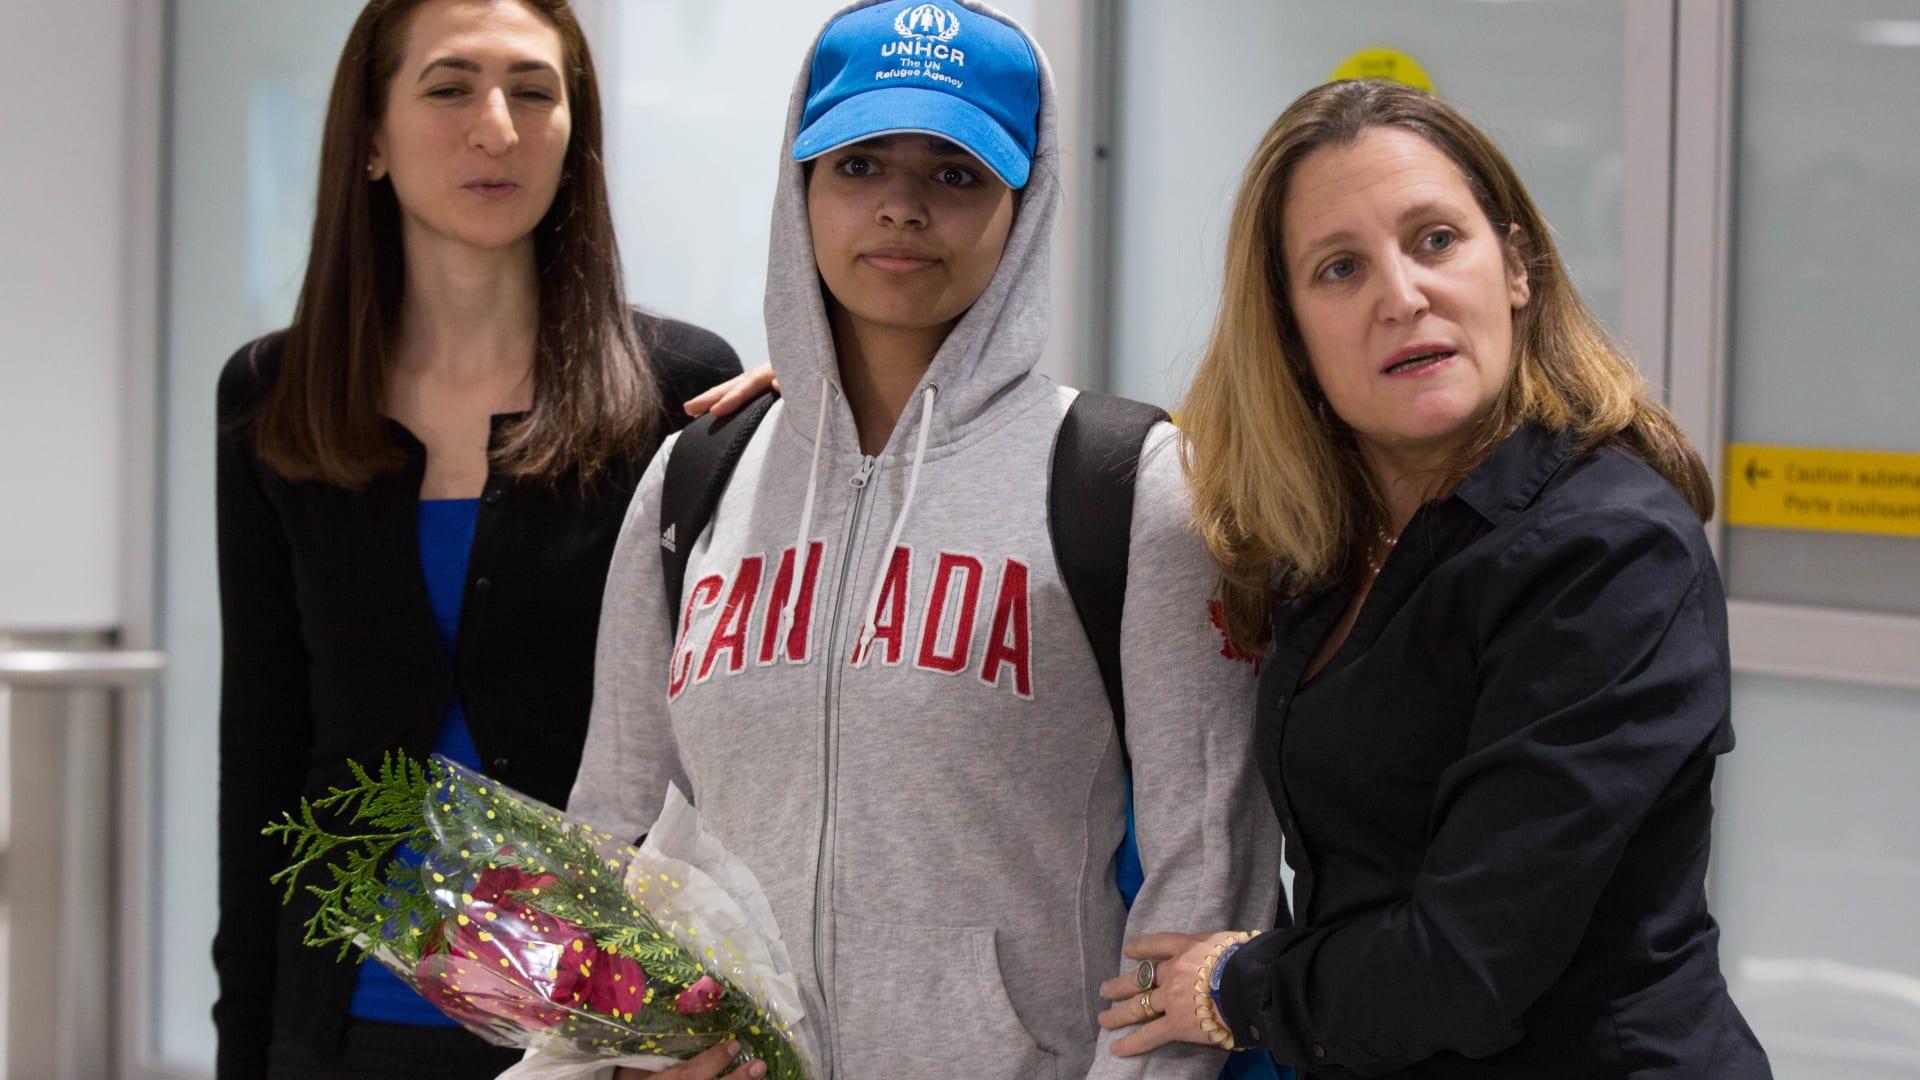 كيف كانت اللحظات الأولى بعد وصول رهف القنون إلى كندا؟